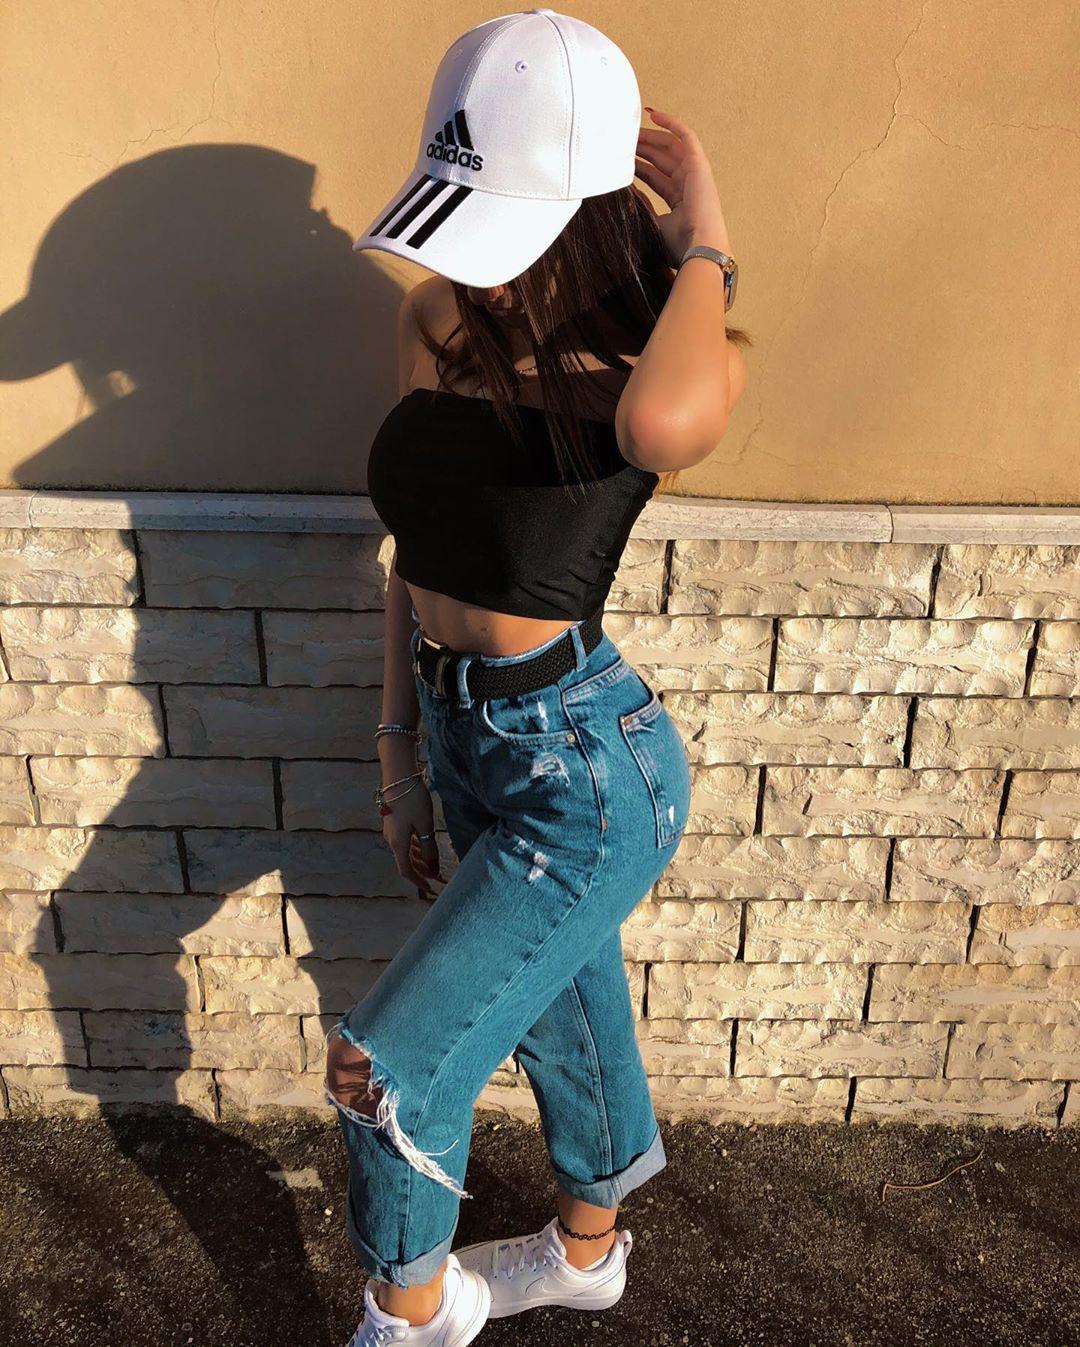 Cool and Stylish Girl DP